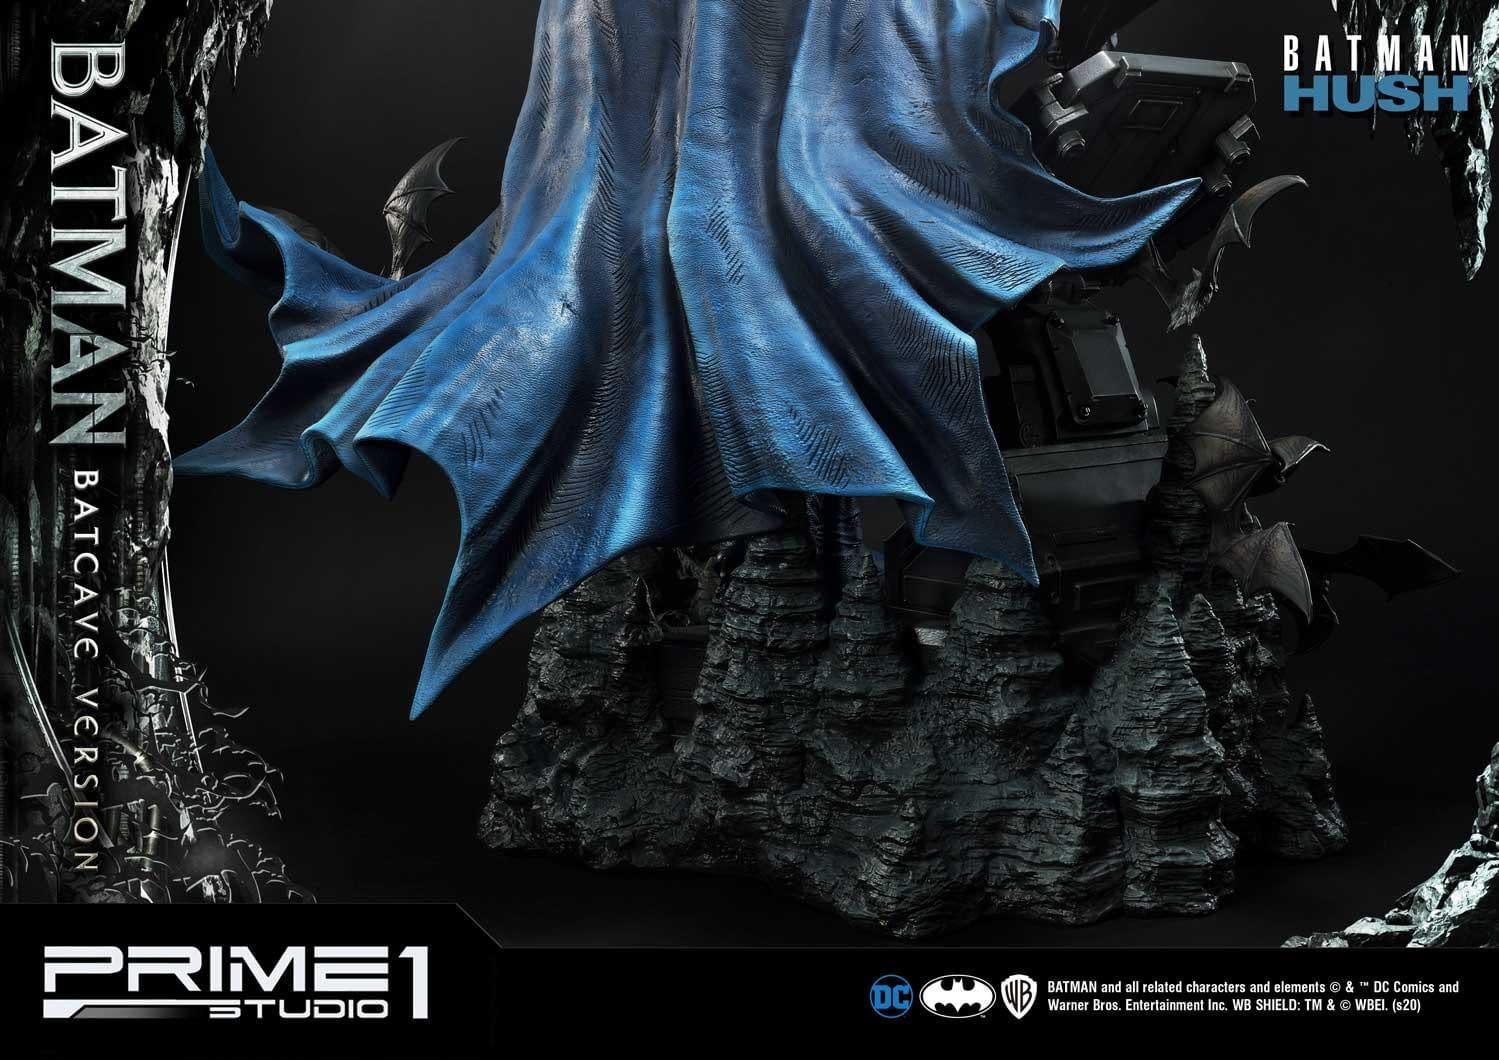 Prime-1-Batman-Batcave-Version-041